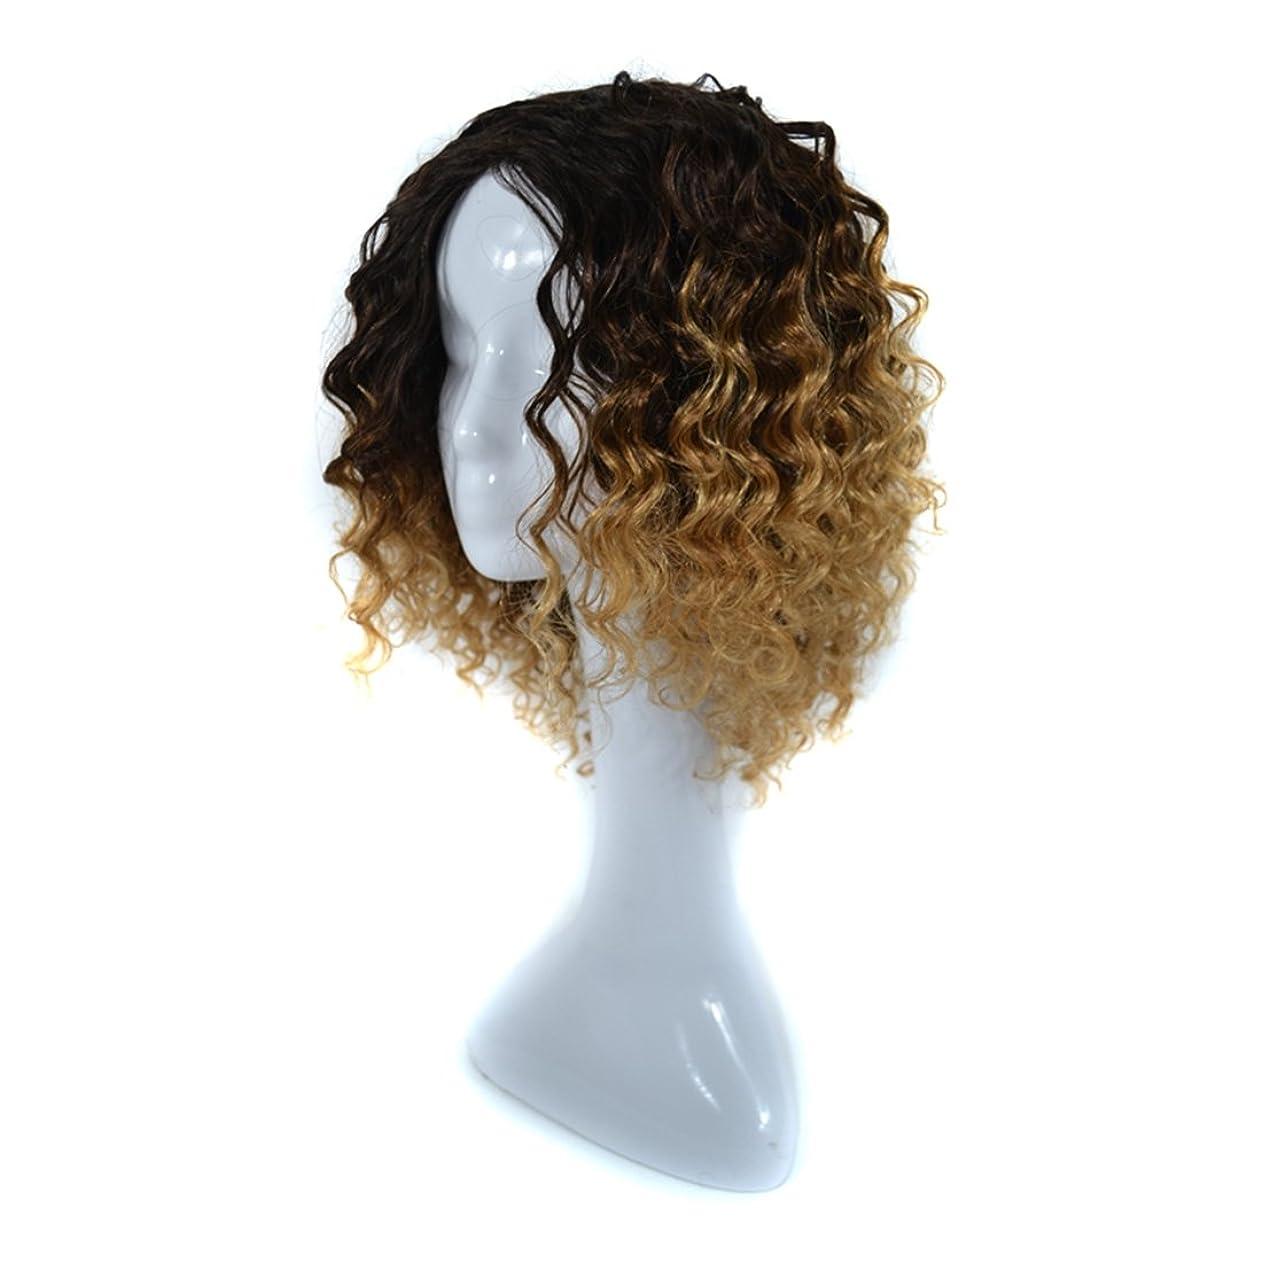 スケッチ野菜泥沼Koloeplf 300グラムリアルフルウィッグ女性のためのヨーロピアンとアメリカンブラックDEEPスモールボリュームカーリーウィッグリアルな自然な人間の髪のために中傷と合成のデイリーウィッグ (Color : Black Light Brown 1BT27#)